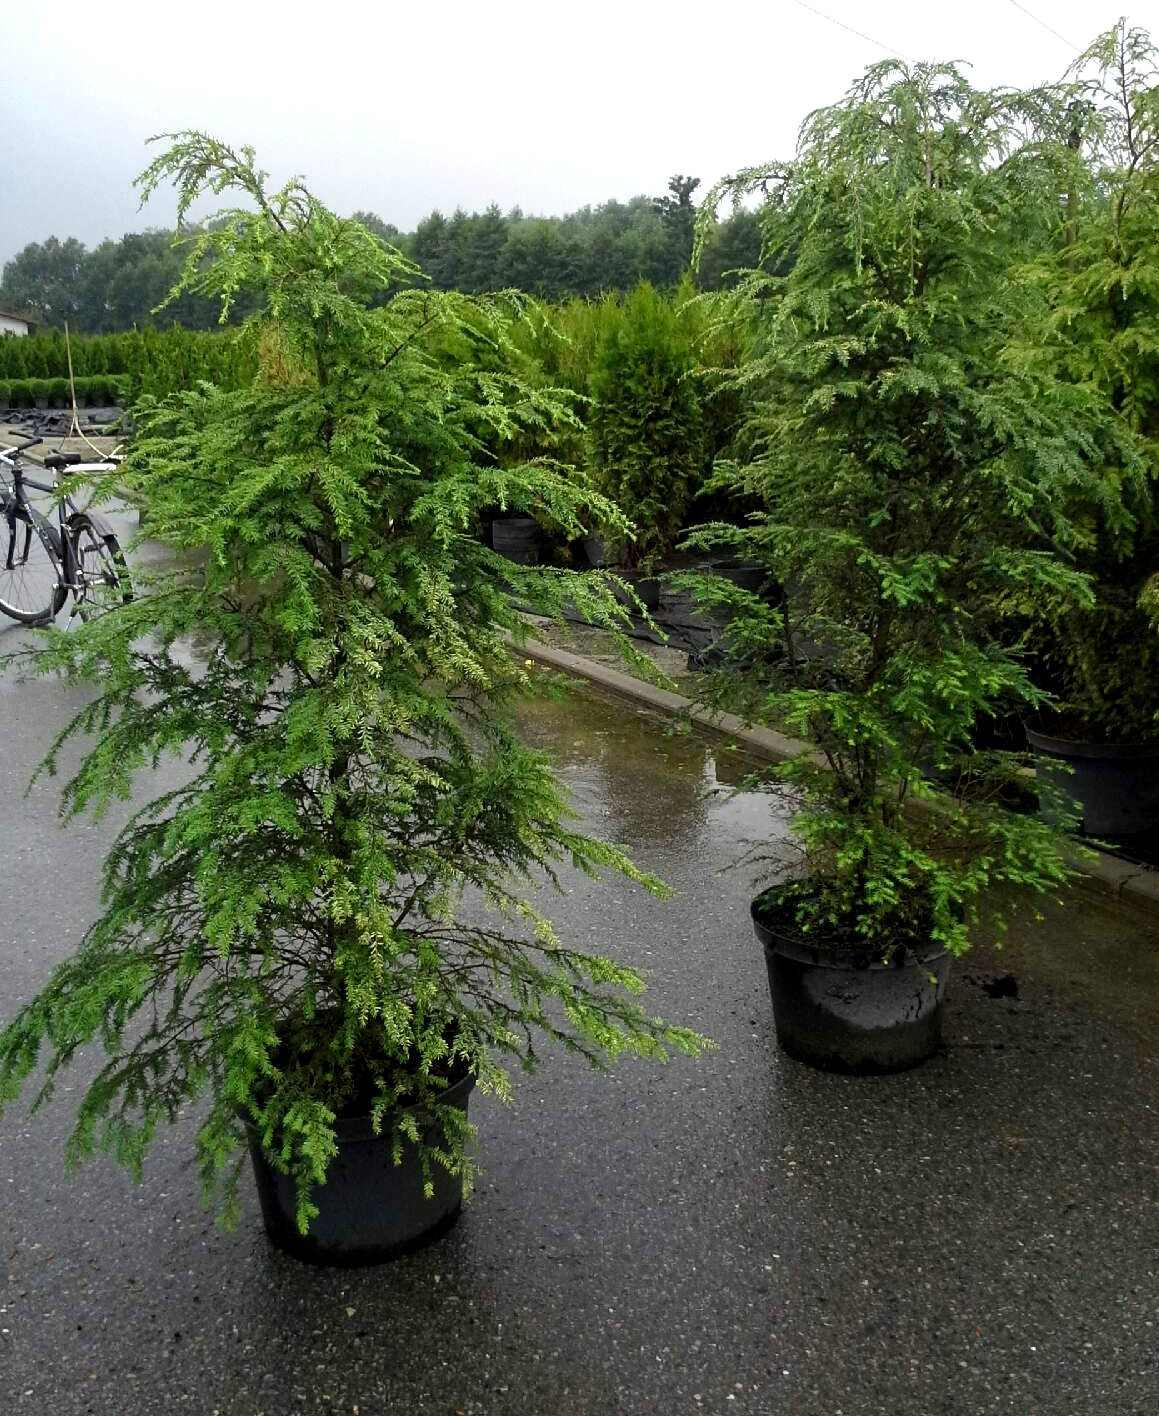 Choina kanadyjska (Tsuga canadensis) sadzonka w pojemniku 150-180 cm wys.